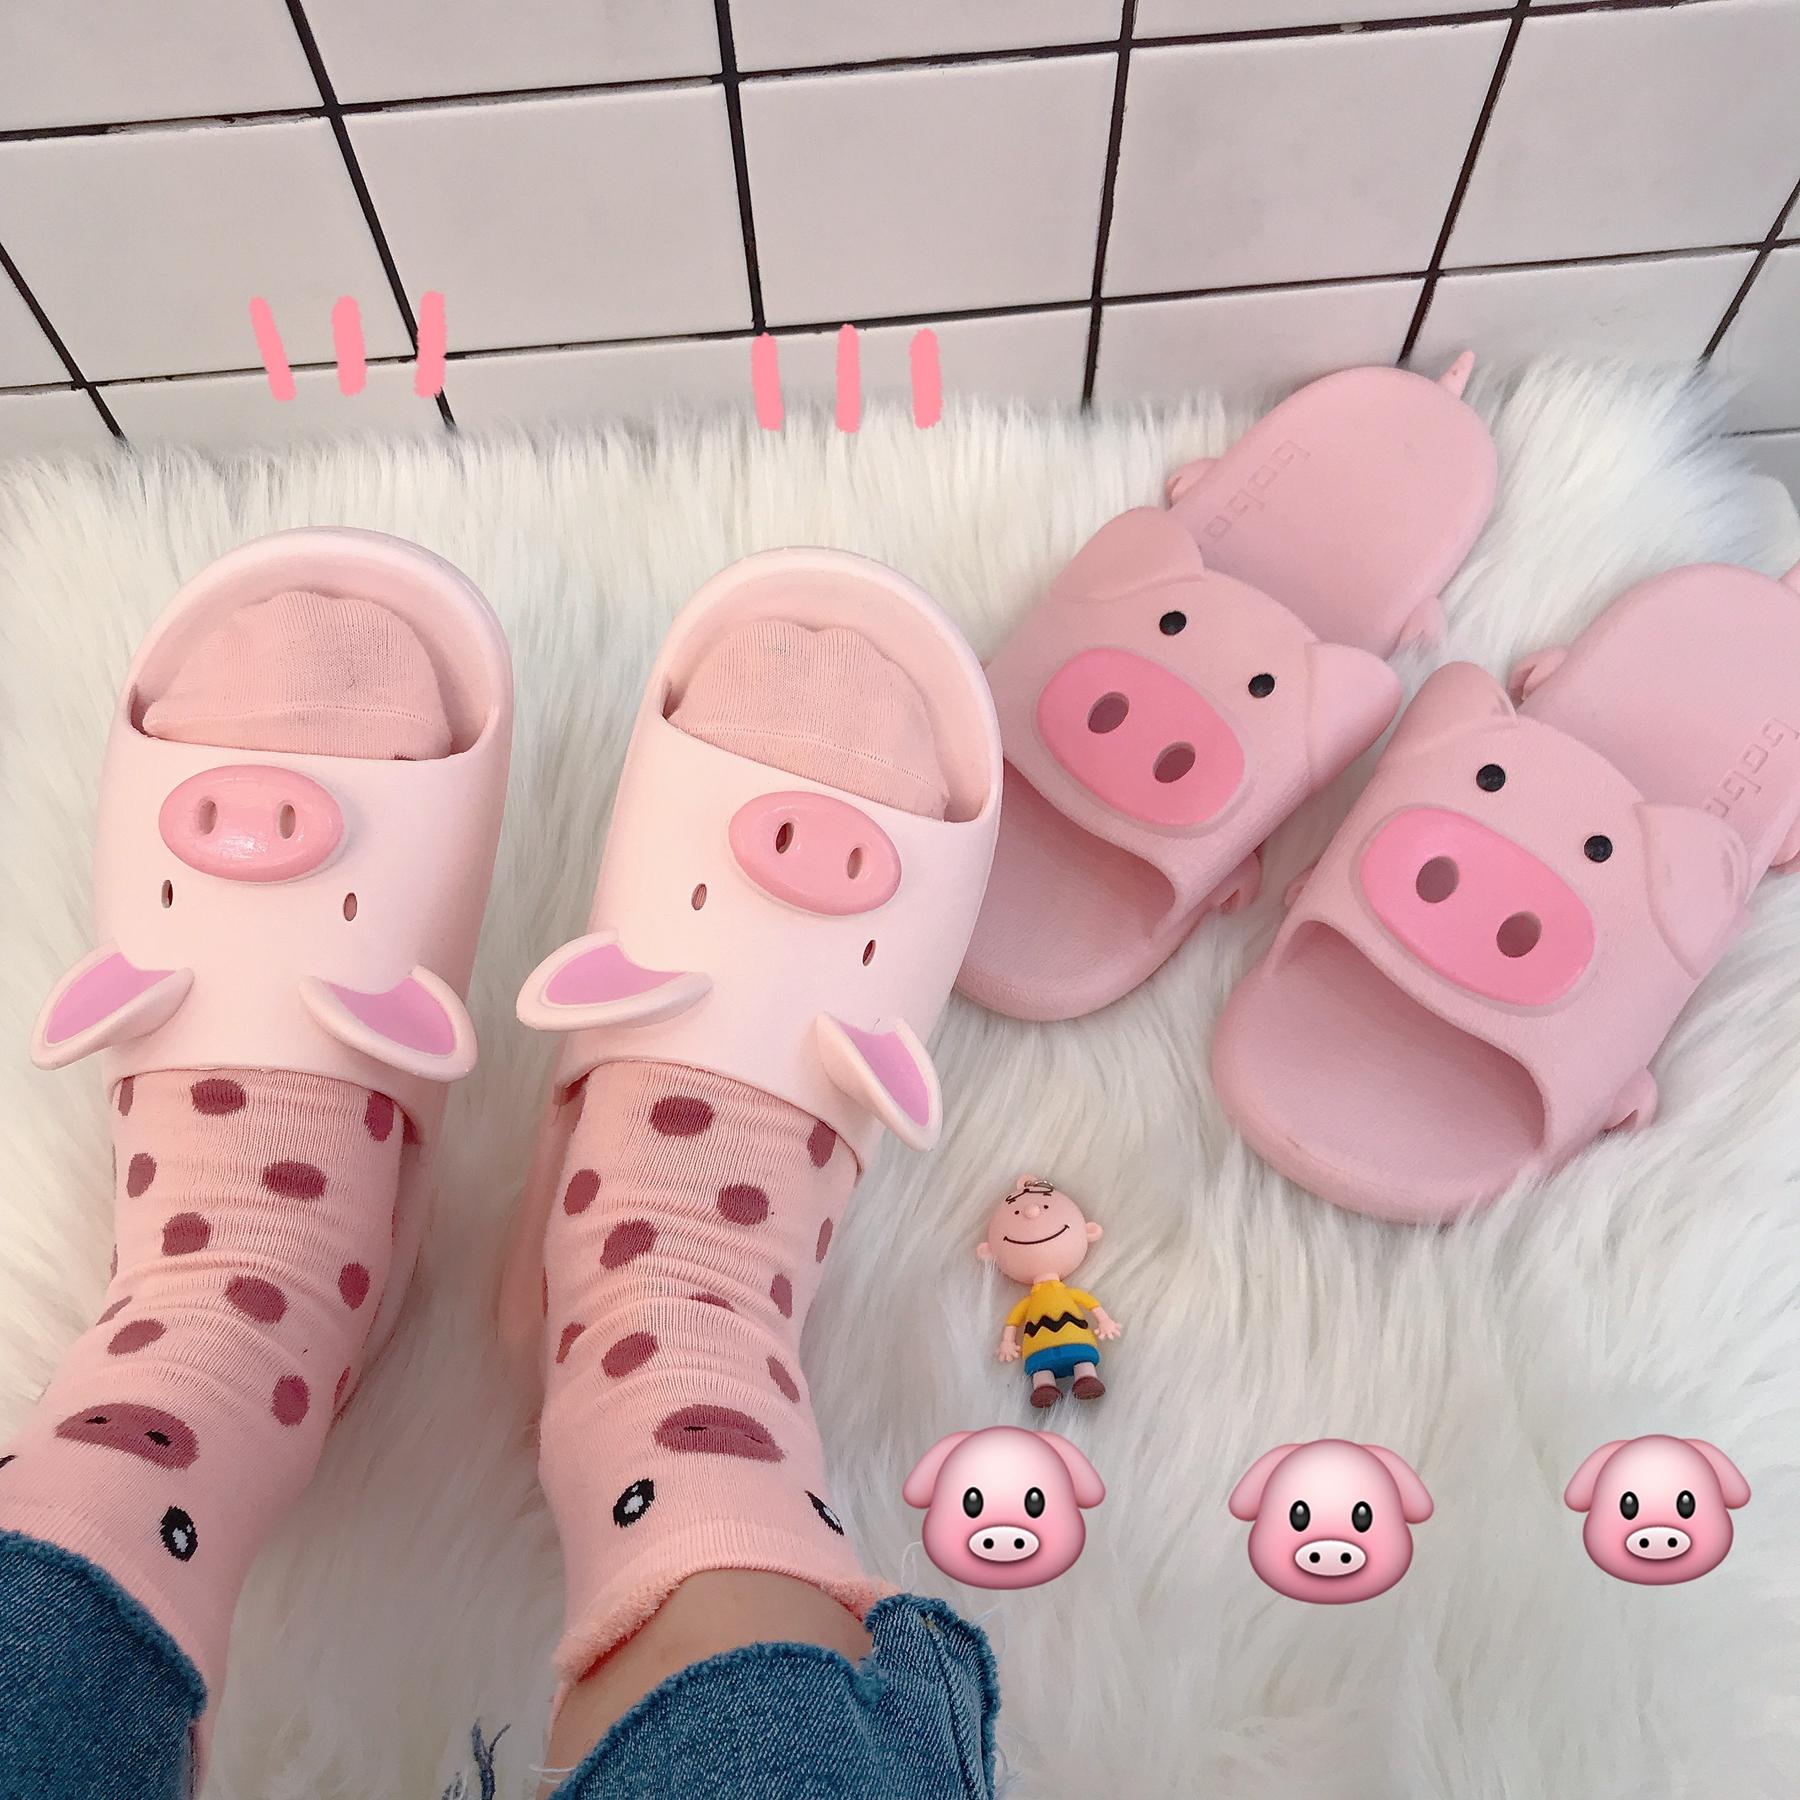 韩风可爱粉色小猪拖鞋居家少女夏室内外穿防滑橡胶洗澡凉拖鞋ins